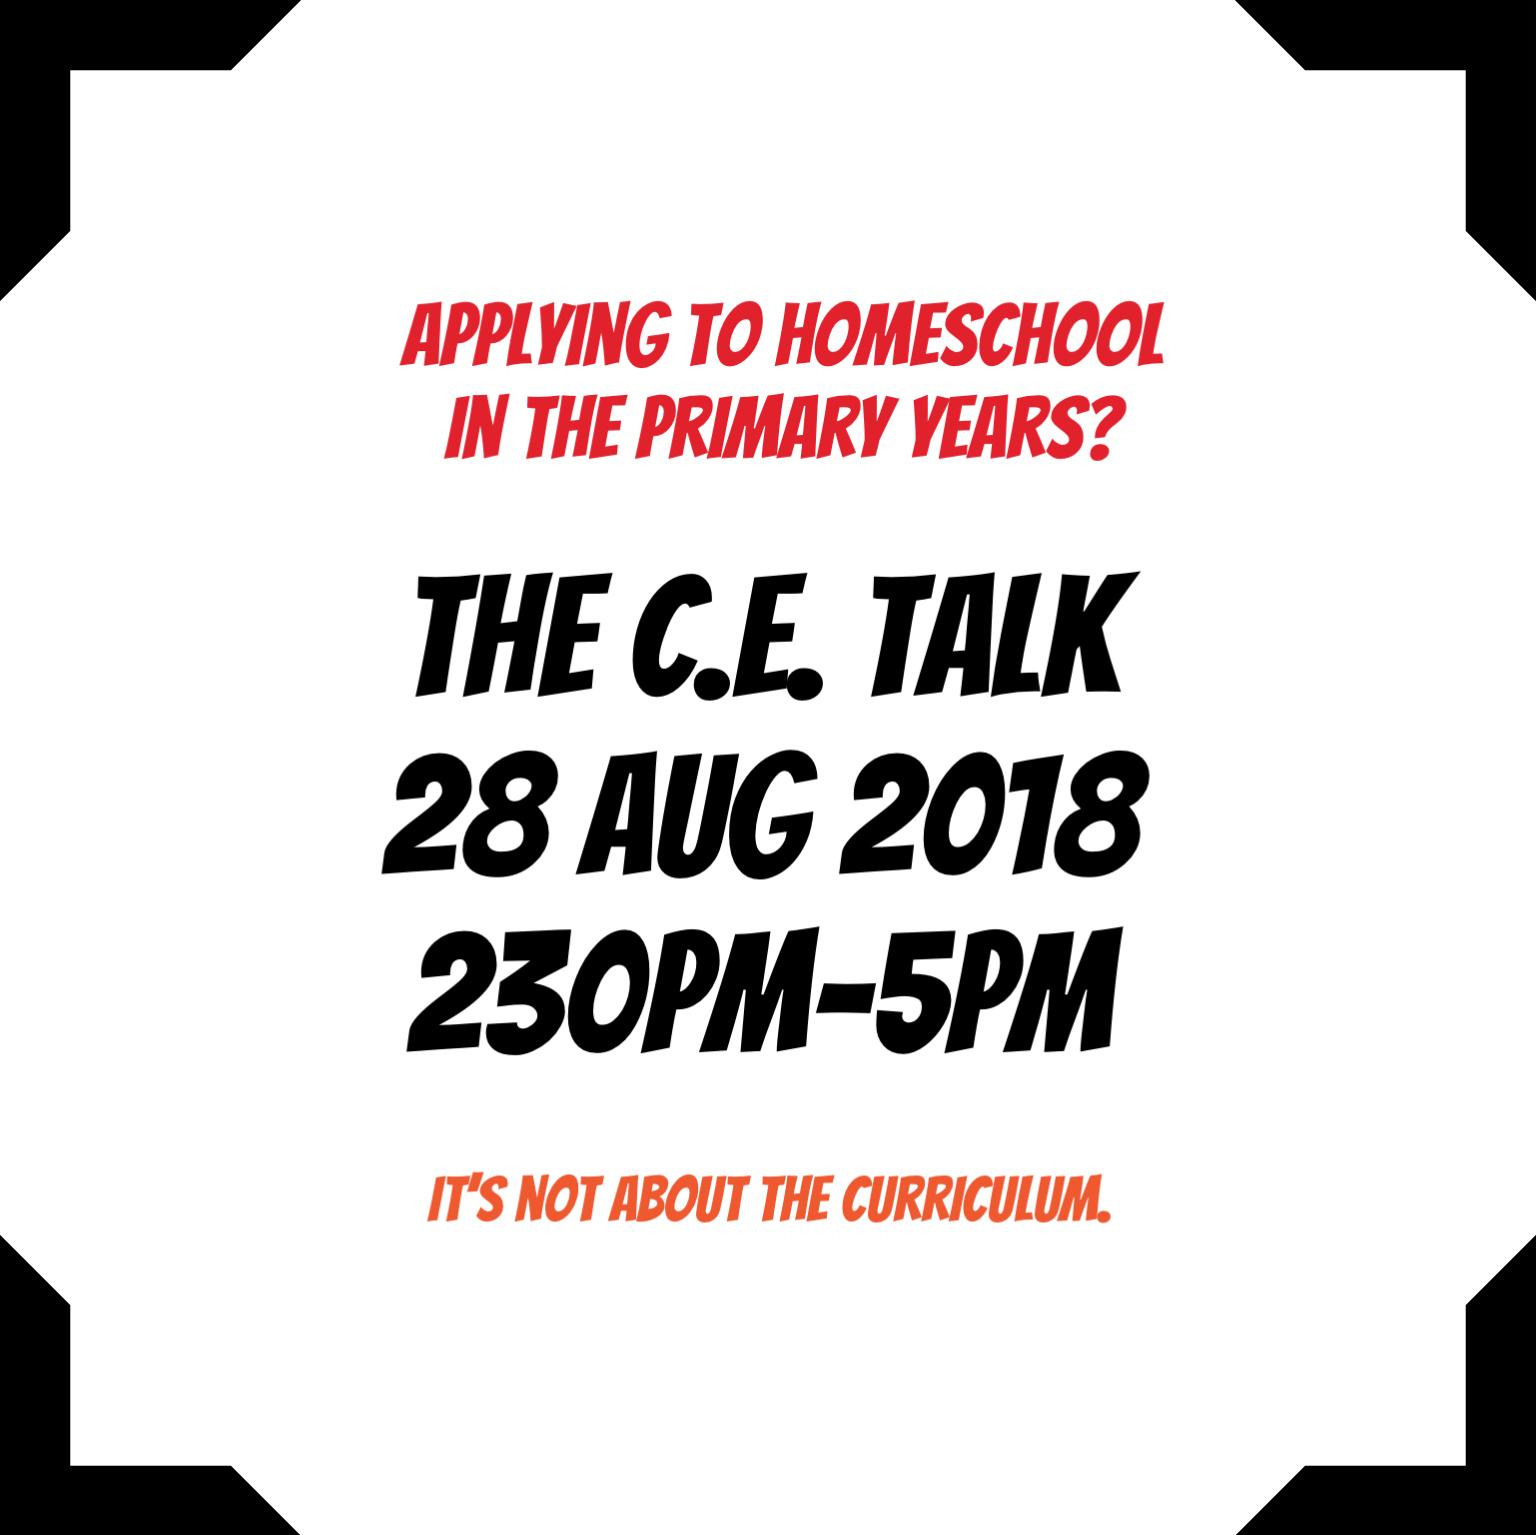 The C.E. Talk 2018